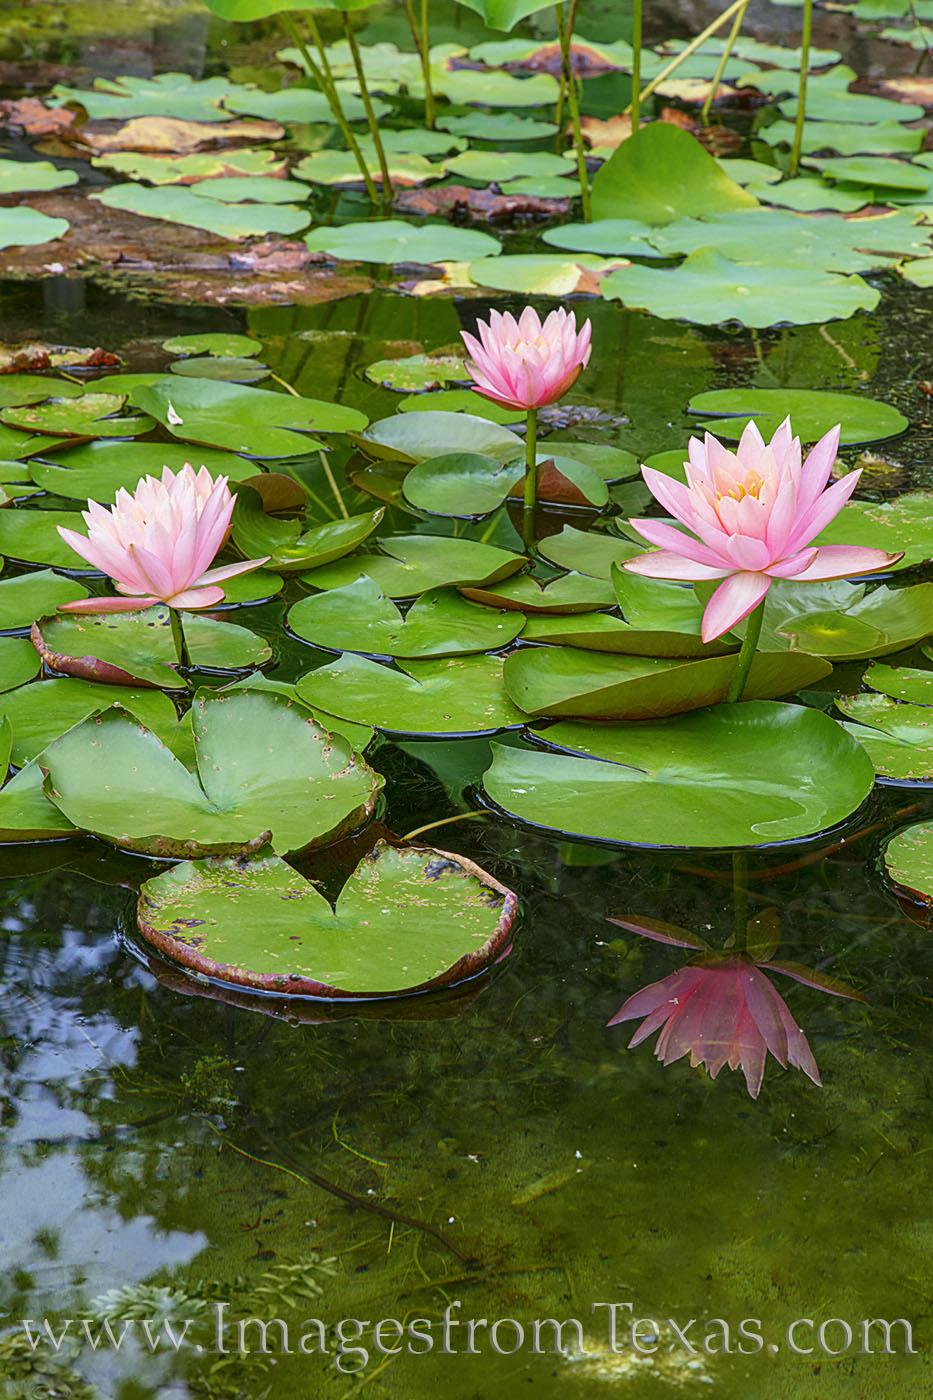 zilker gardens, botanical gardens, water lilies, austin, photo